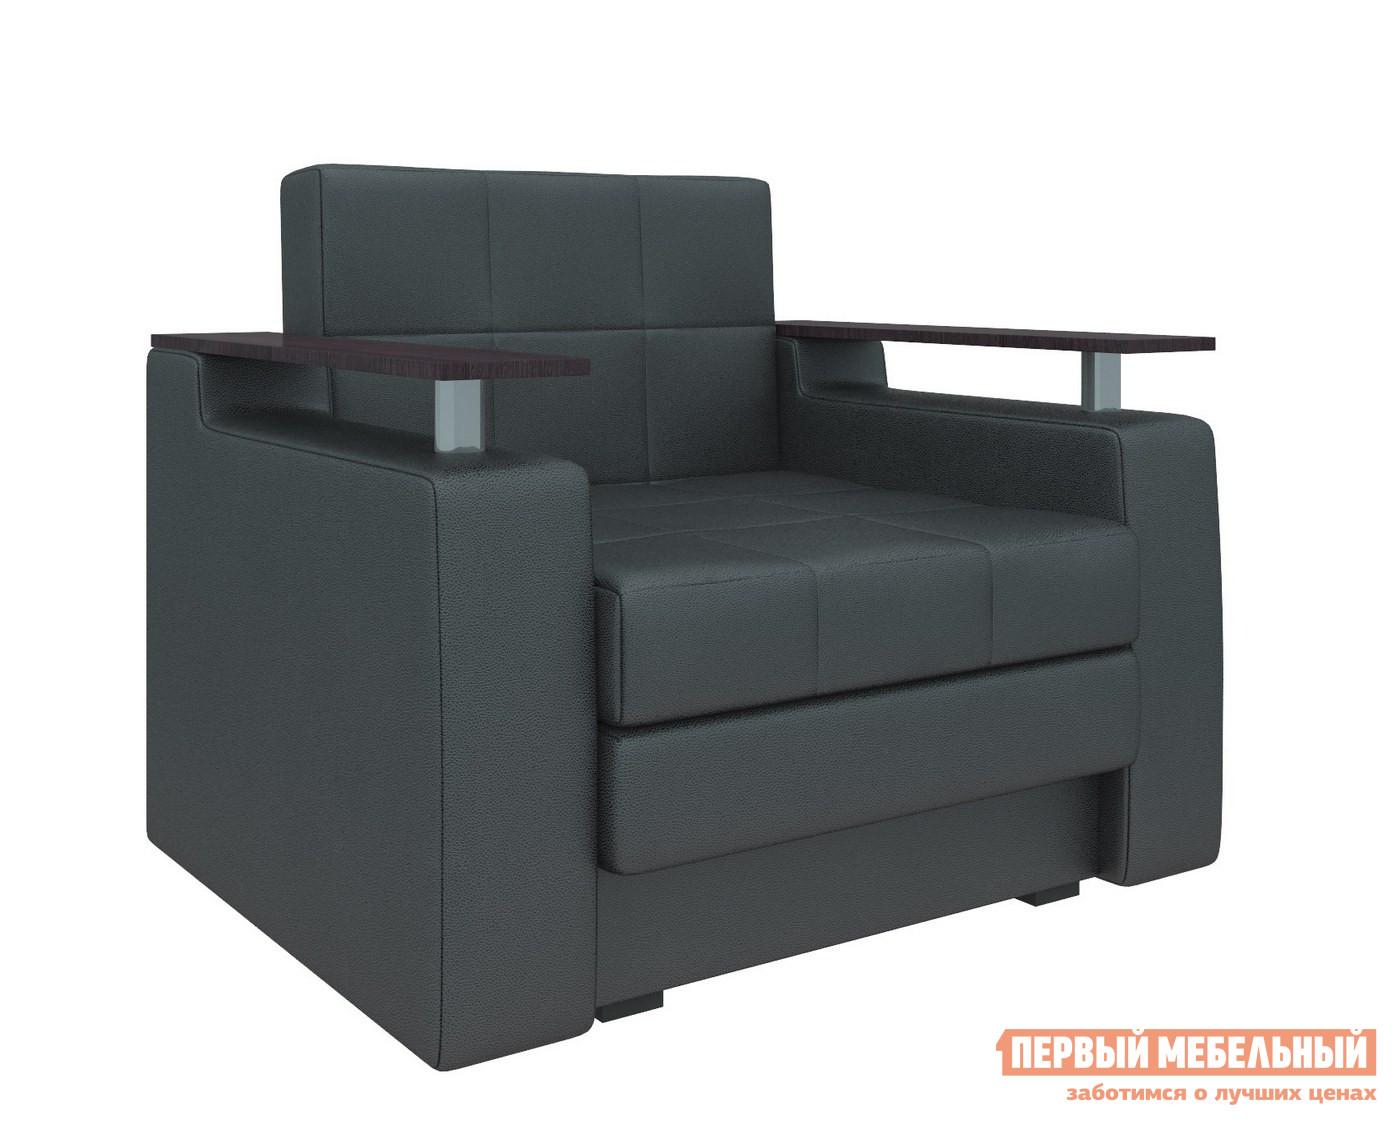 Кресло-кровать Мебелико Кресло-кровать Комфорт кровать